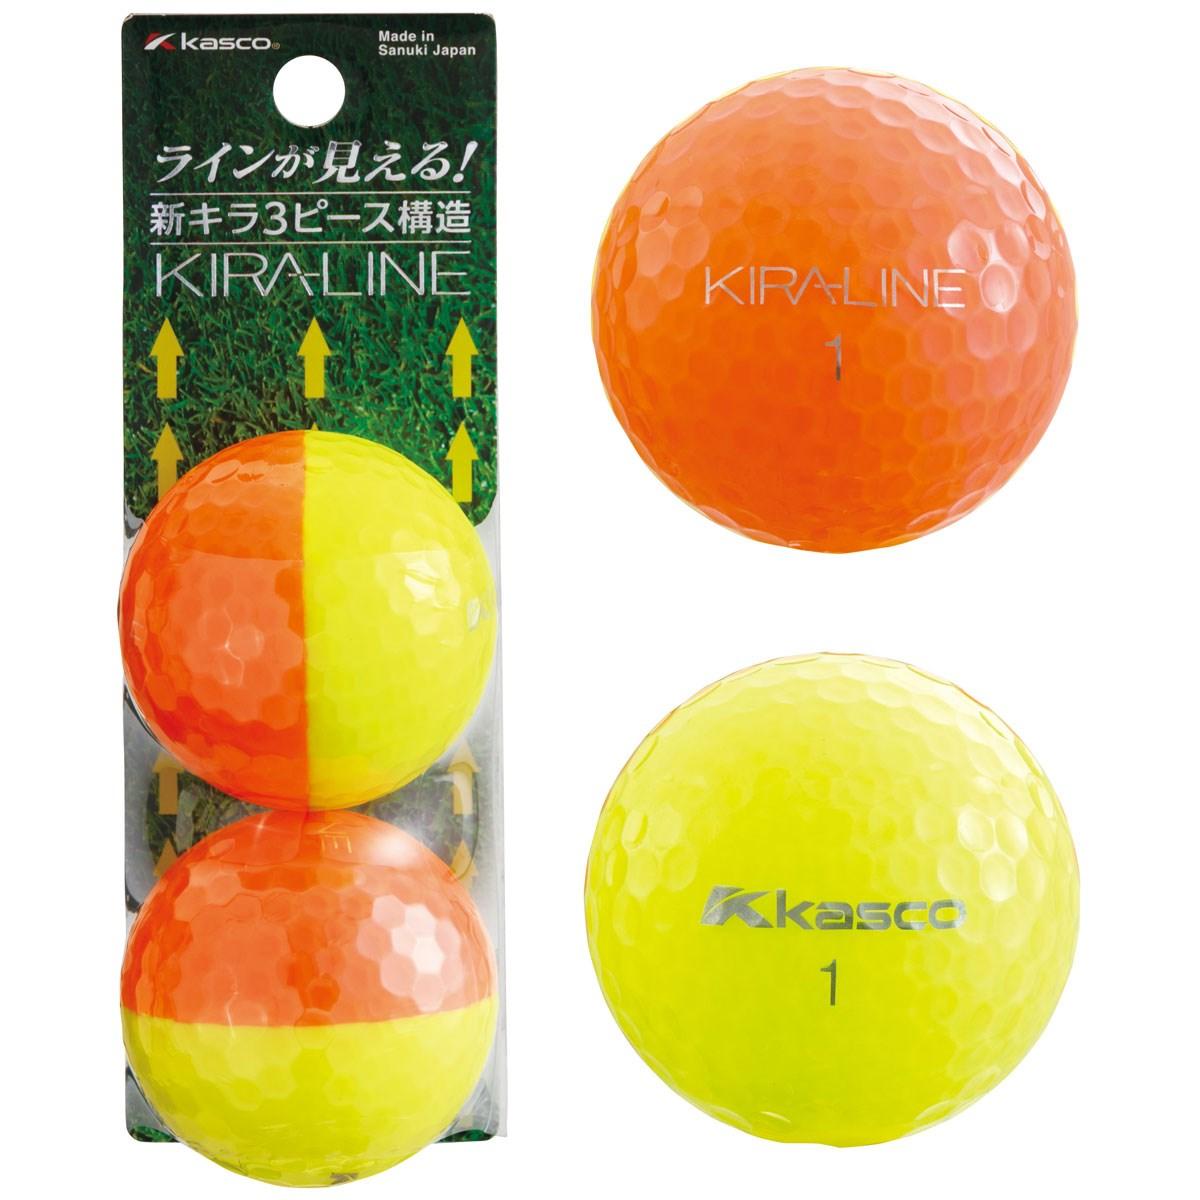 キャスコ KIRA KIRA LINE ボール 2球パック 2個入り オレンジ/イエロー